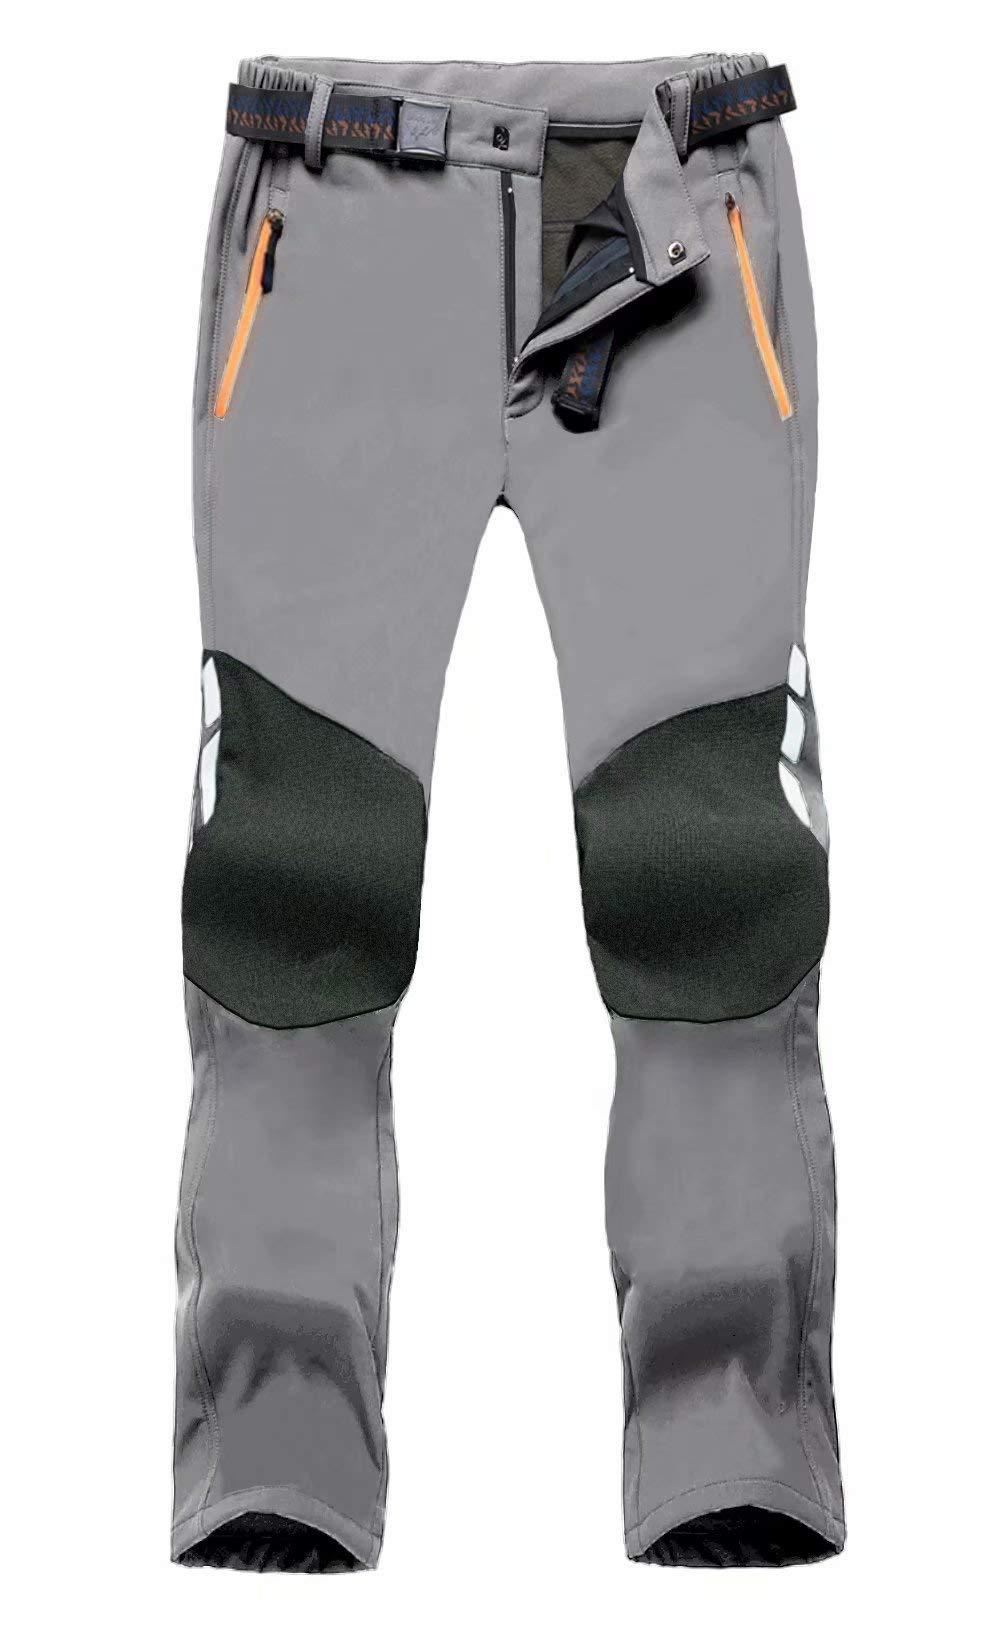 MAGCOMSEN Men's Snow Pants Water Resistant 3 Zip Pockets Reinforced Knees Fleece Lined Hiking Ski Pants